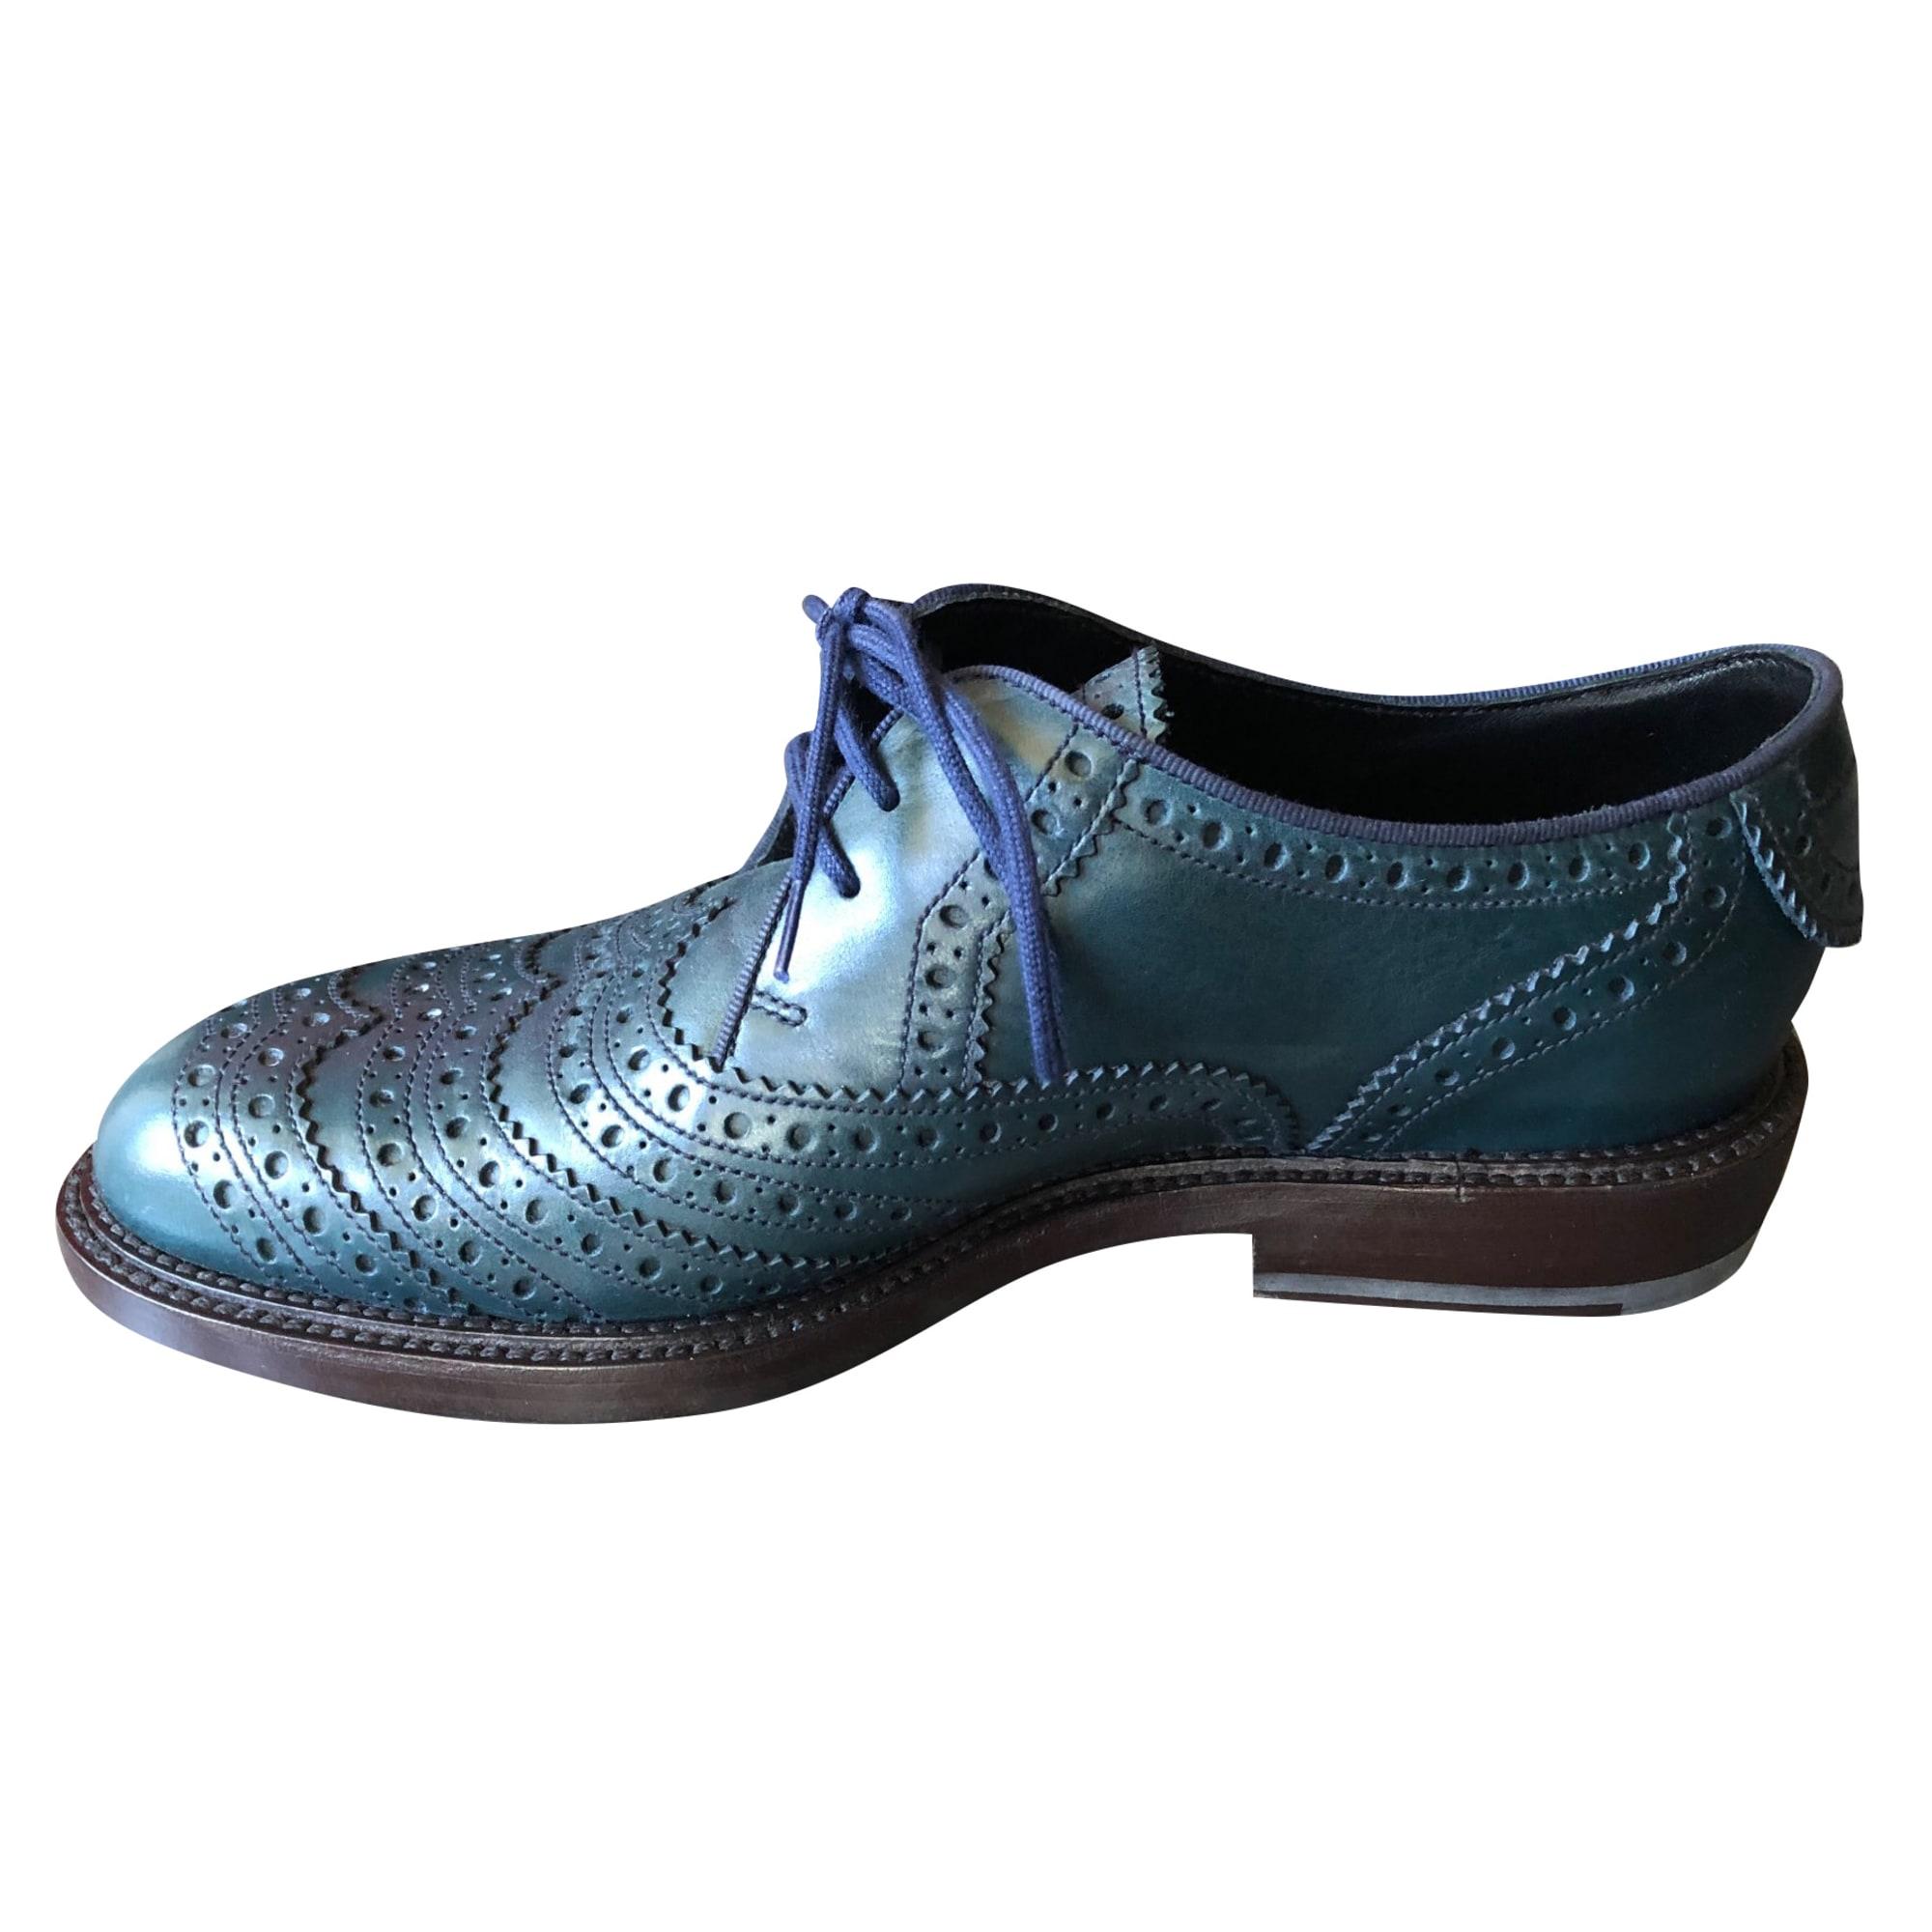 Chaussures à lacets  JM WESTON Bleu, bleu marine, bleu turquoise